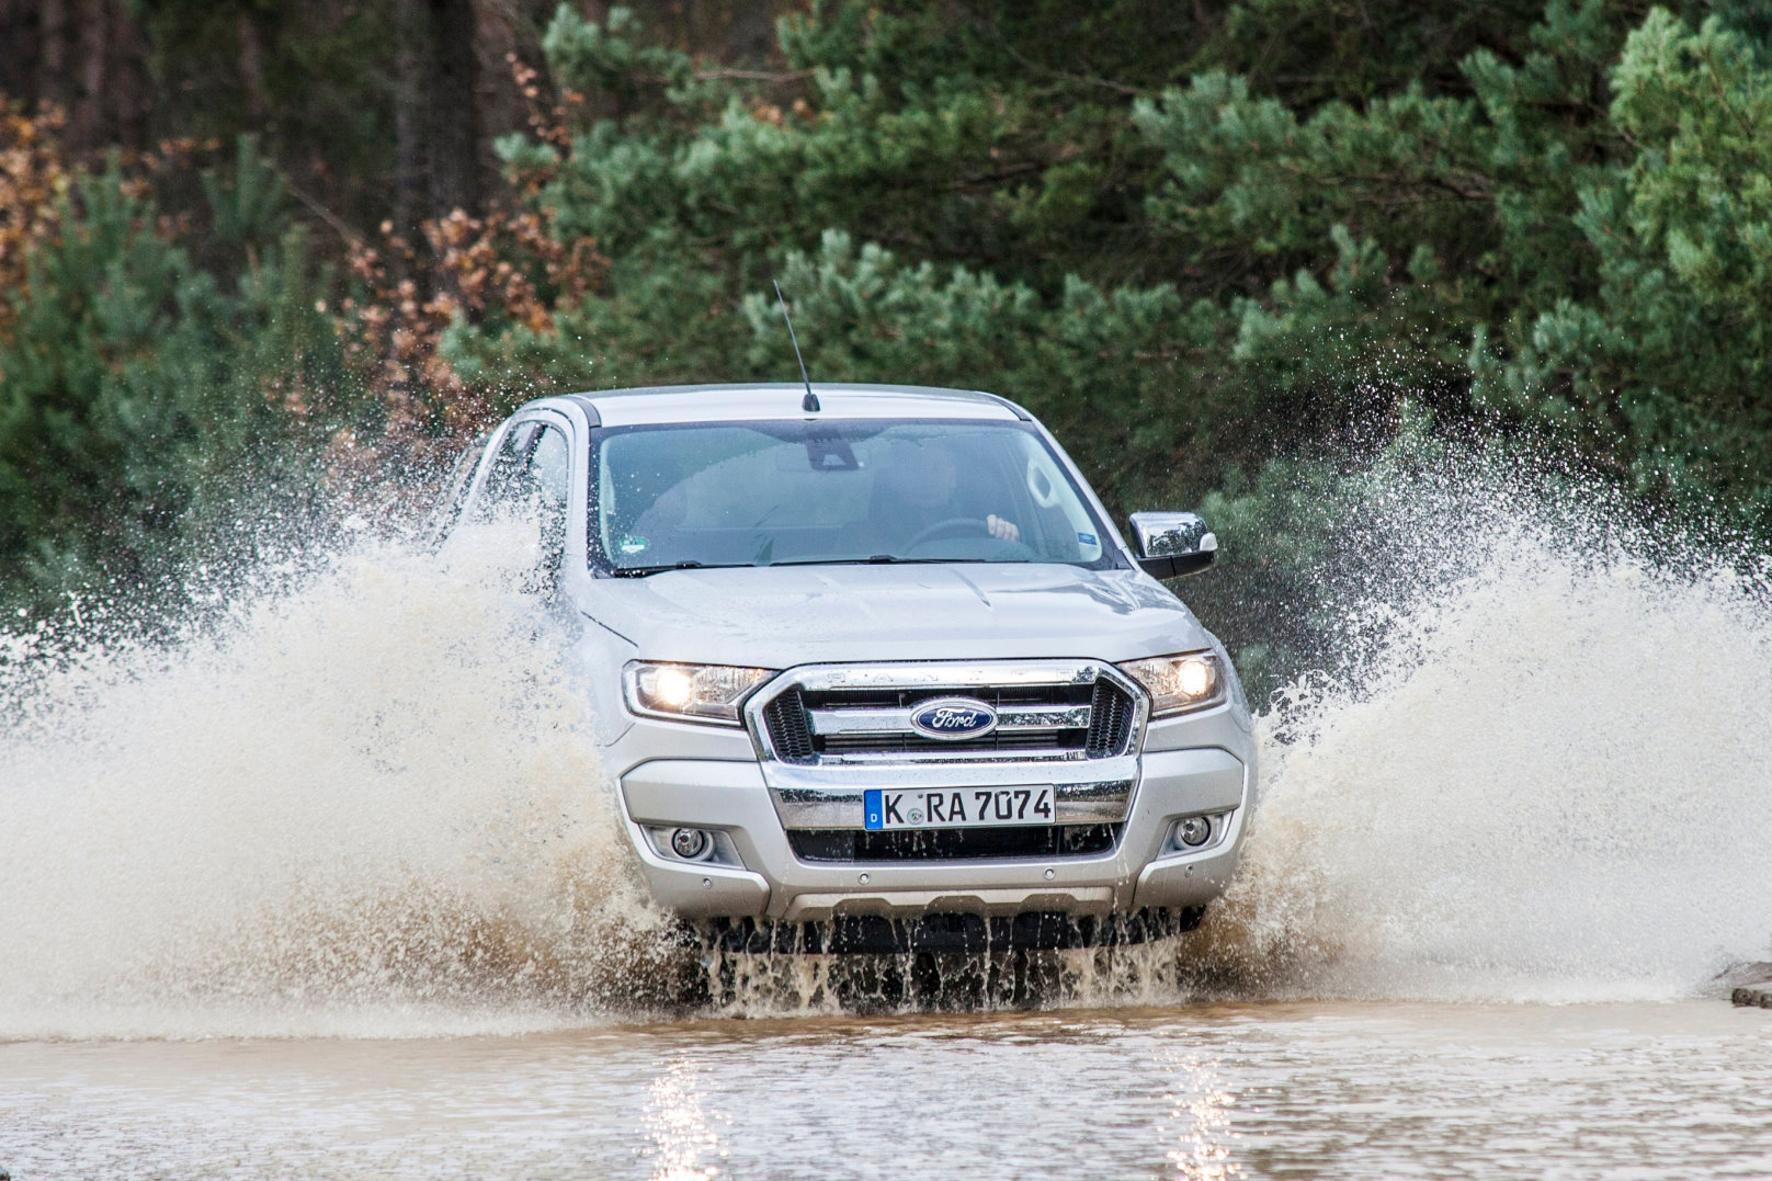 mid Groß-Gerau - Ford bringt jetzt den modellgepflegten Ranger nach Europa. Der Pick-up ist ein Vielzweck-Vehikel für alle Fälle. Davon zeugt zum Beispiel die Wattiefe von 80 Zentimetern.